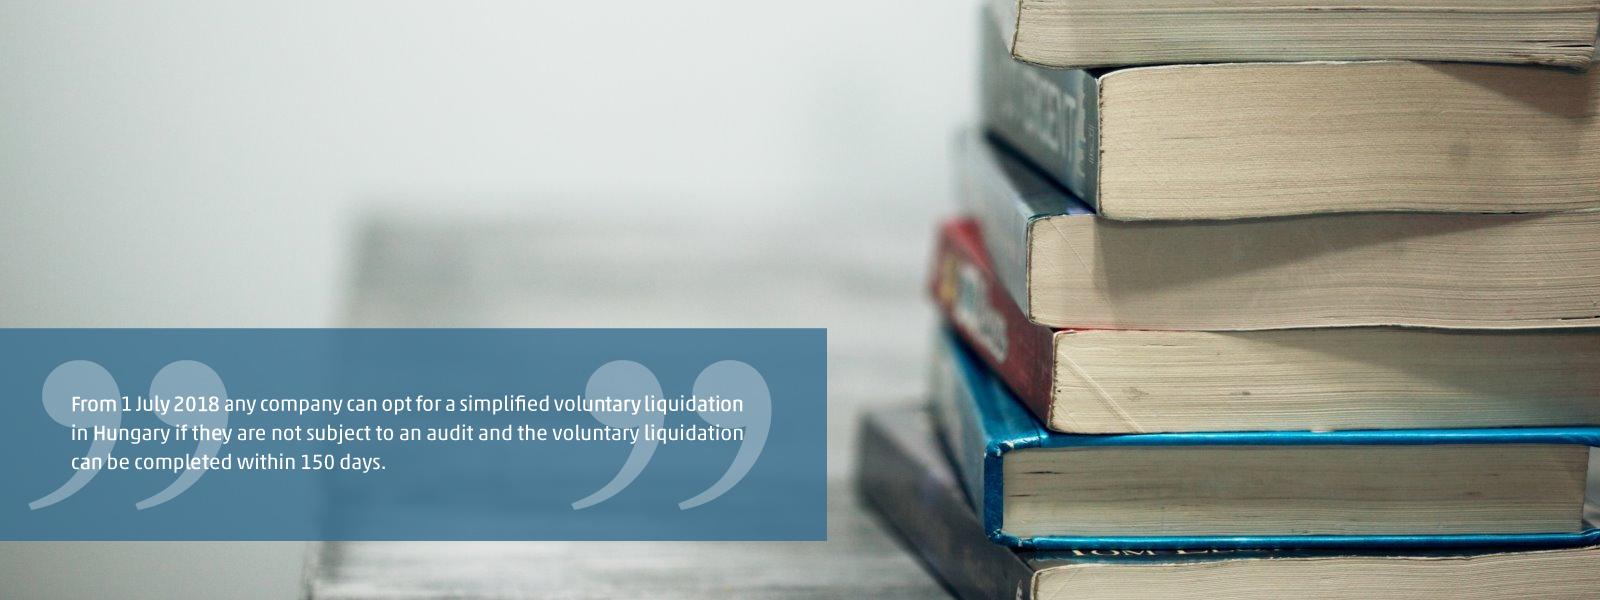 Simplified voluntary liquidation